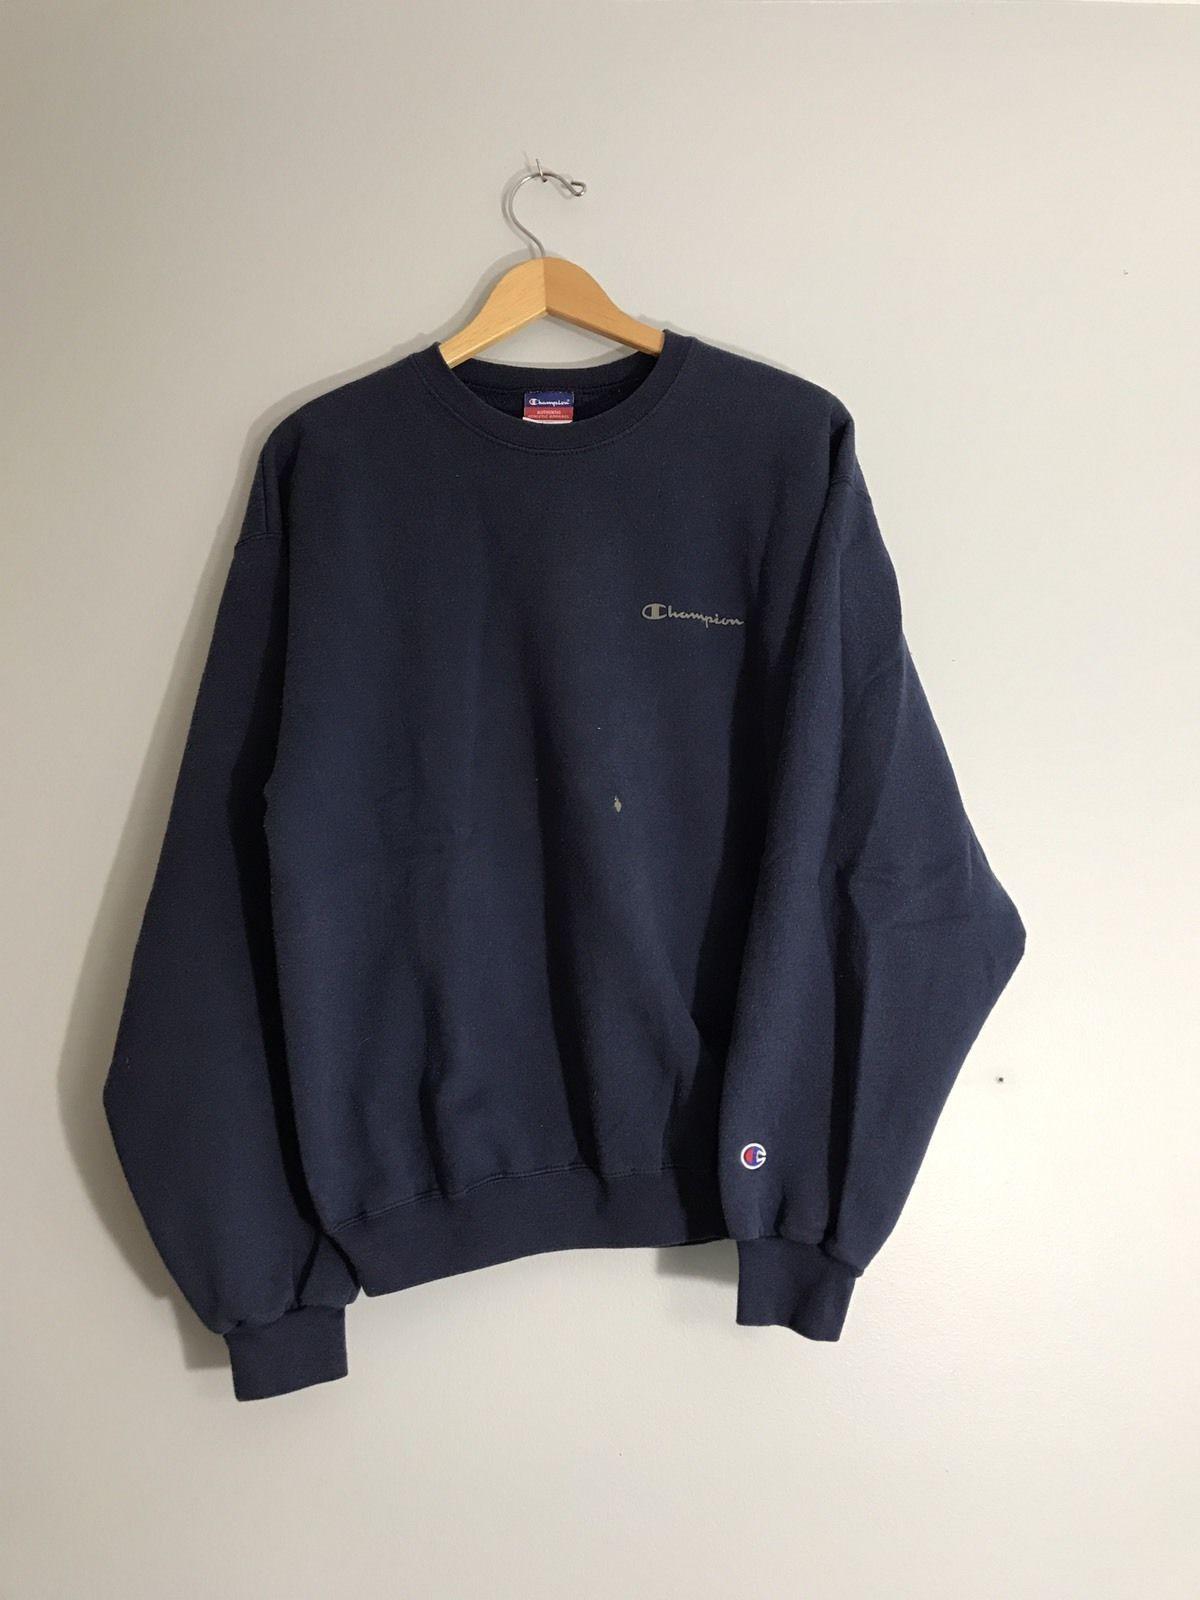 fd67a7d484eb Vintage Champion Script Logo Crewneck Sweatshirt Size L Navy Blue ...